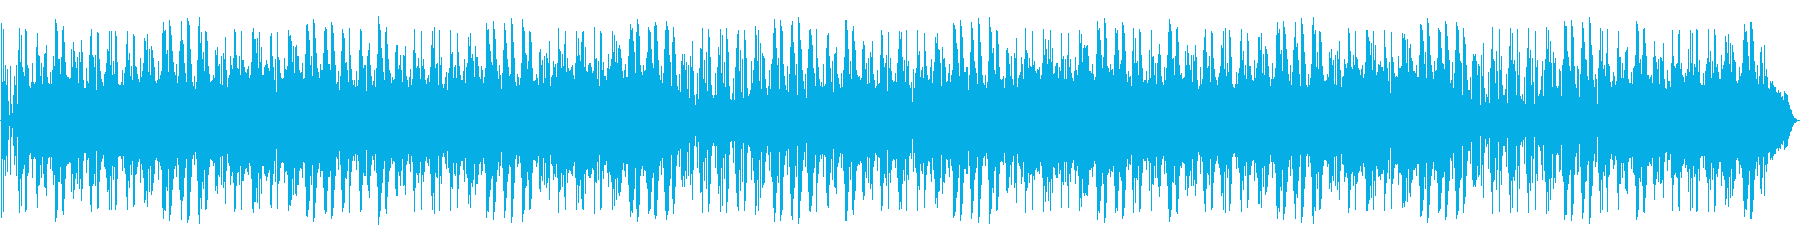 アルトサックス、フルート、ハンドパ...の再生済みの波形